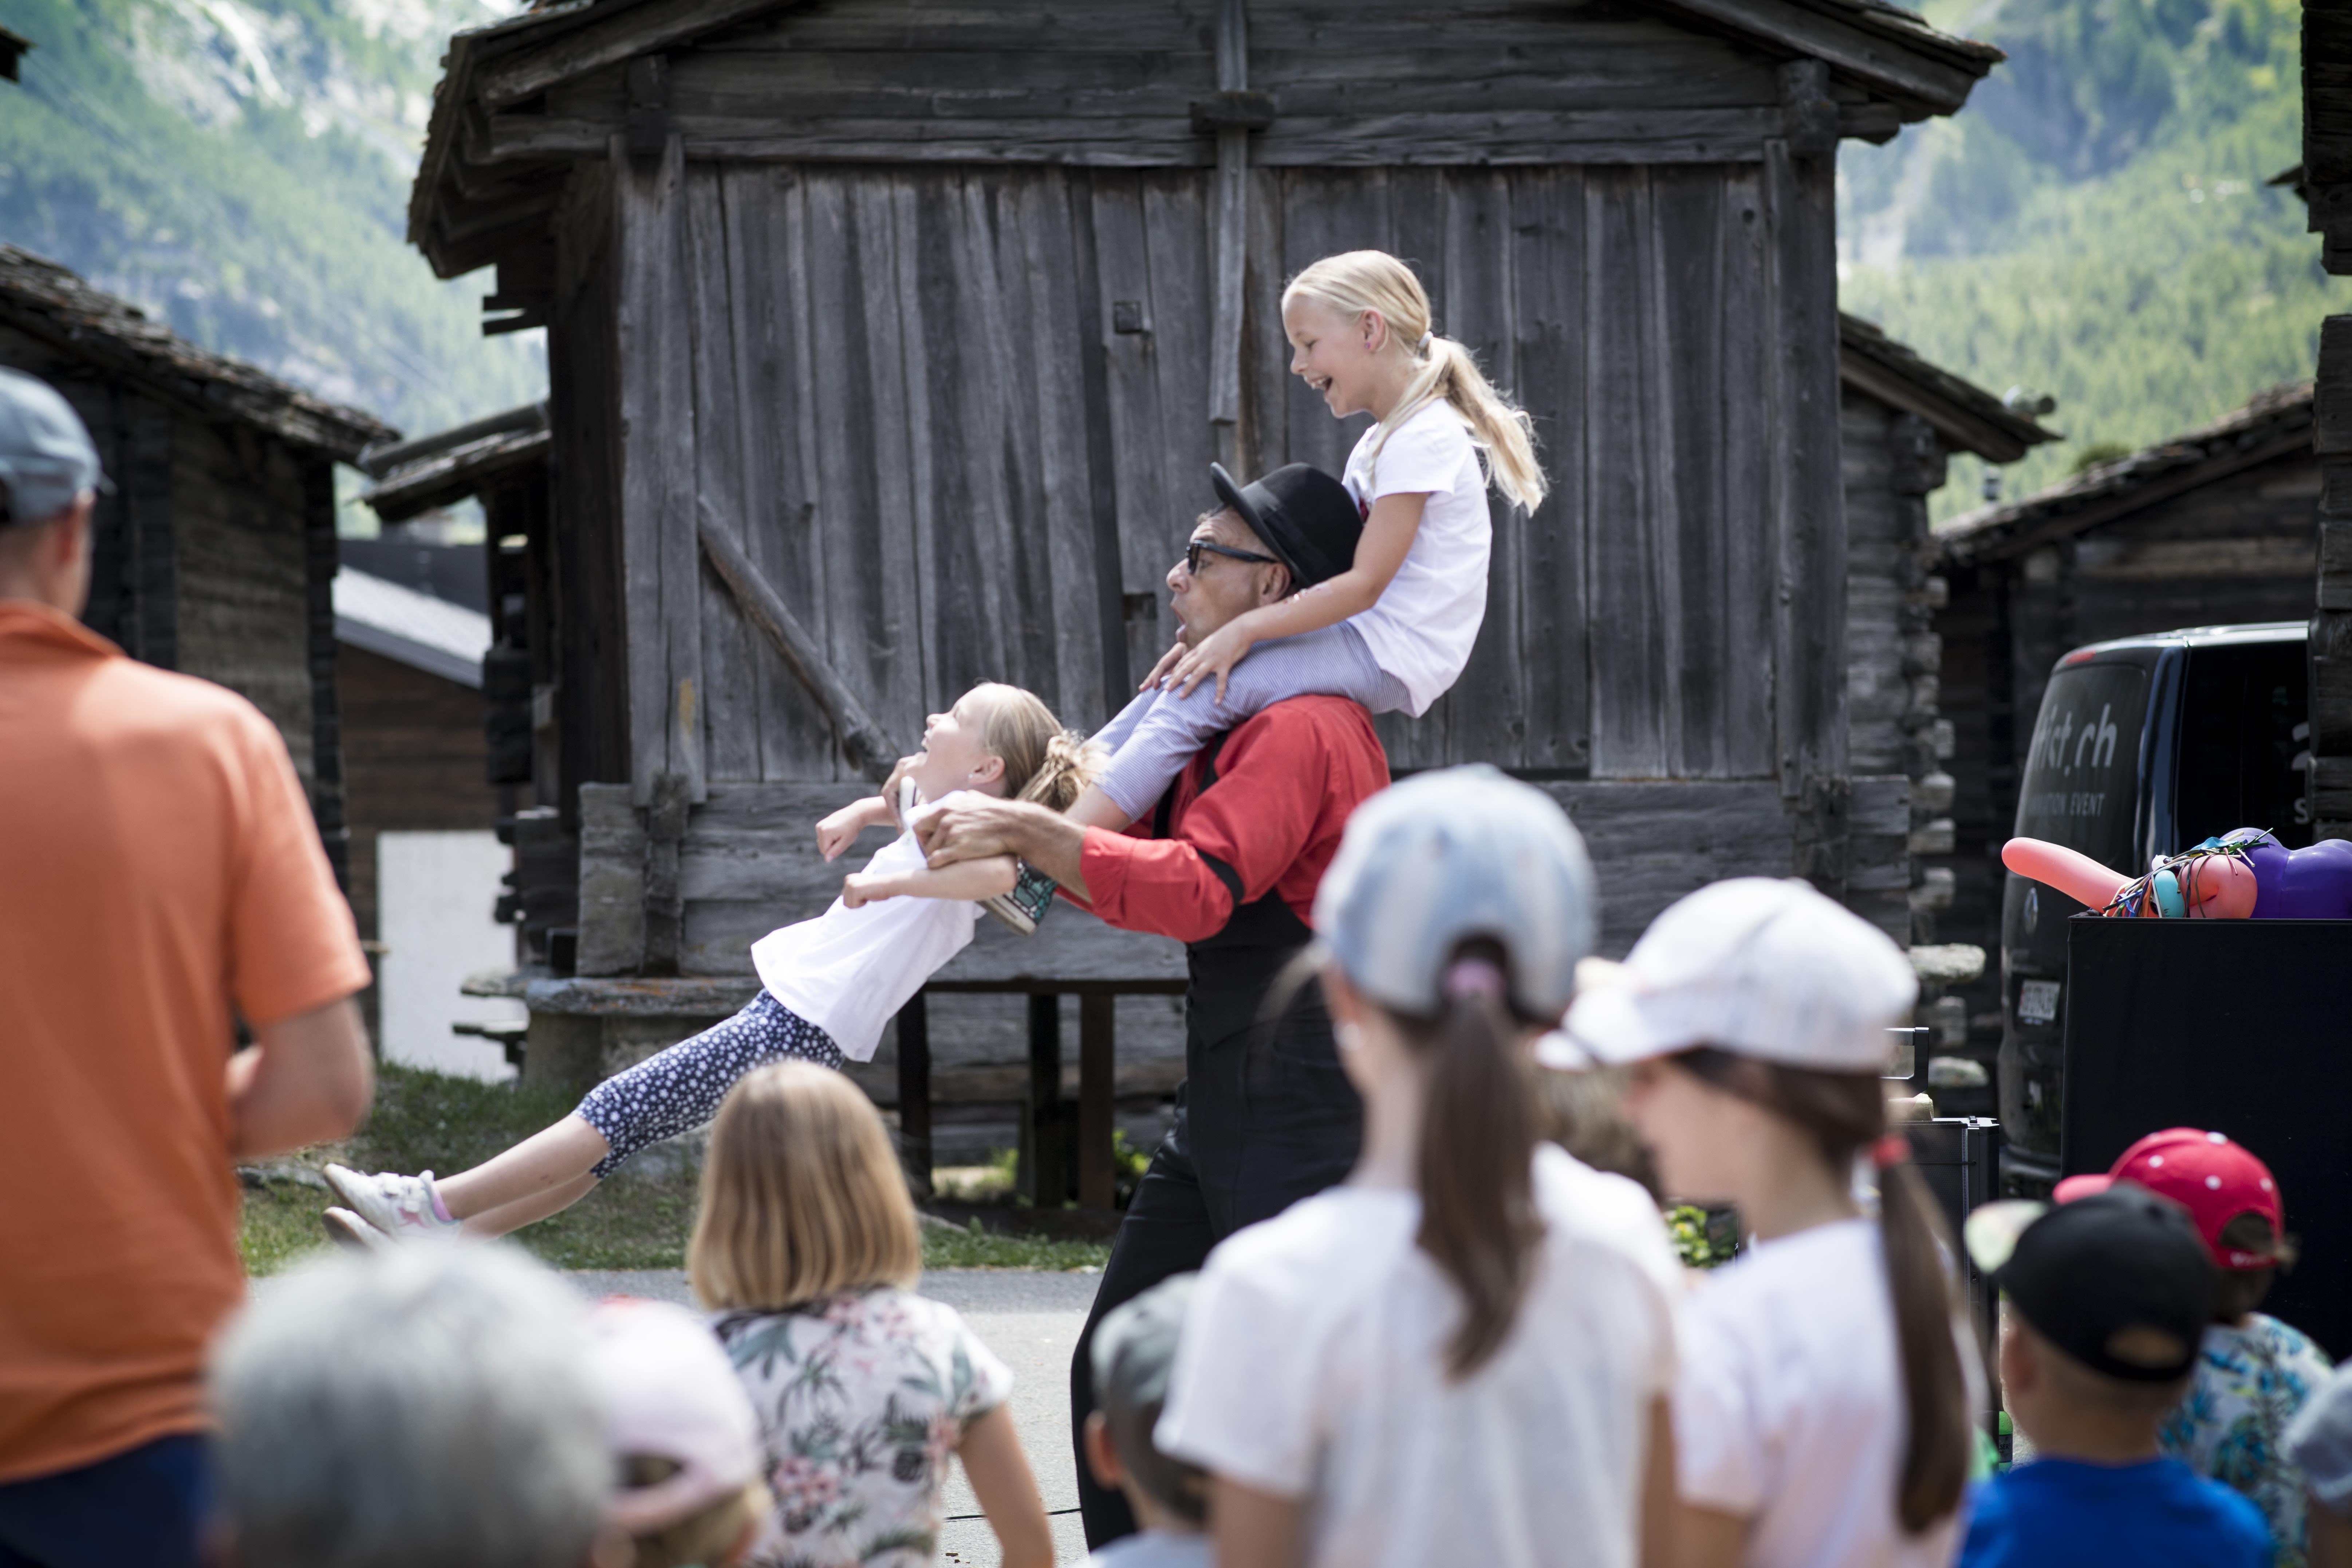 Family activities in summer